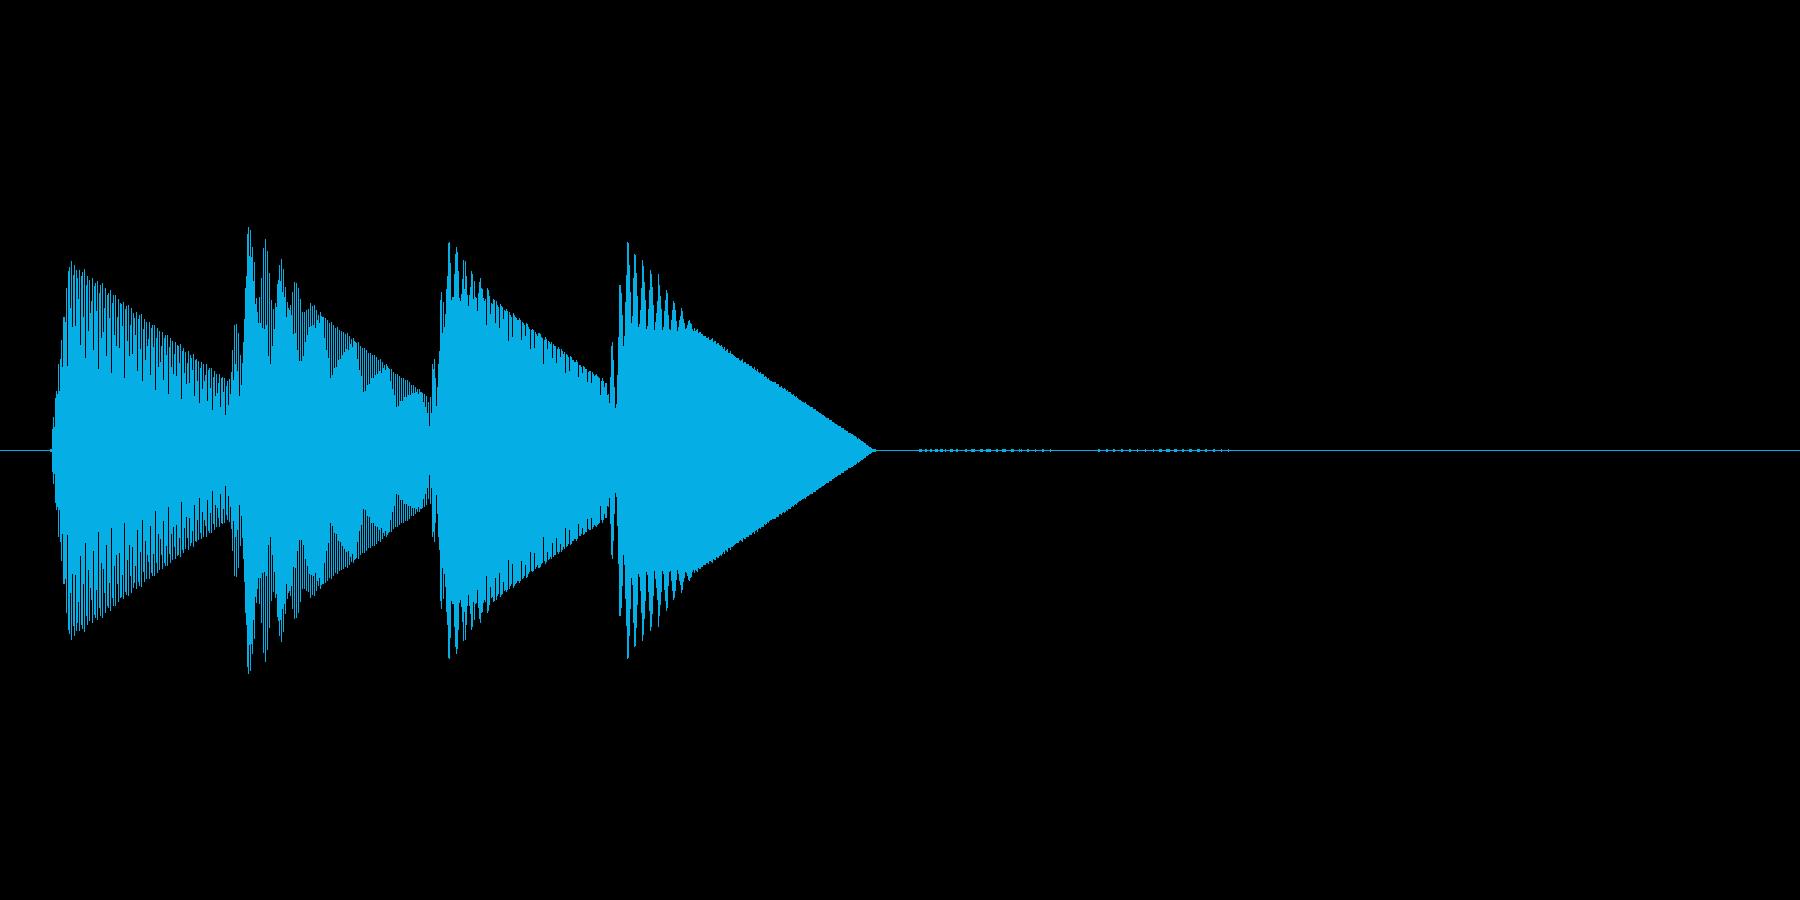 8bitのシステム音ピロロロン↑の再生済みの波形